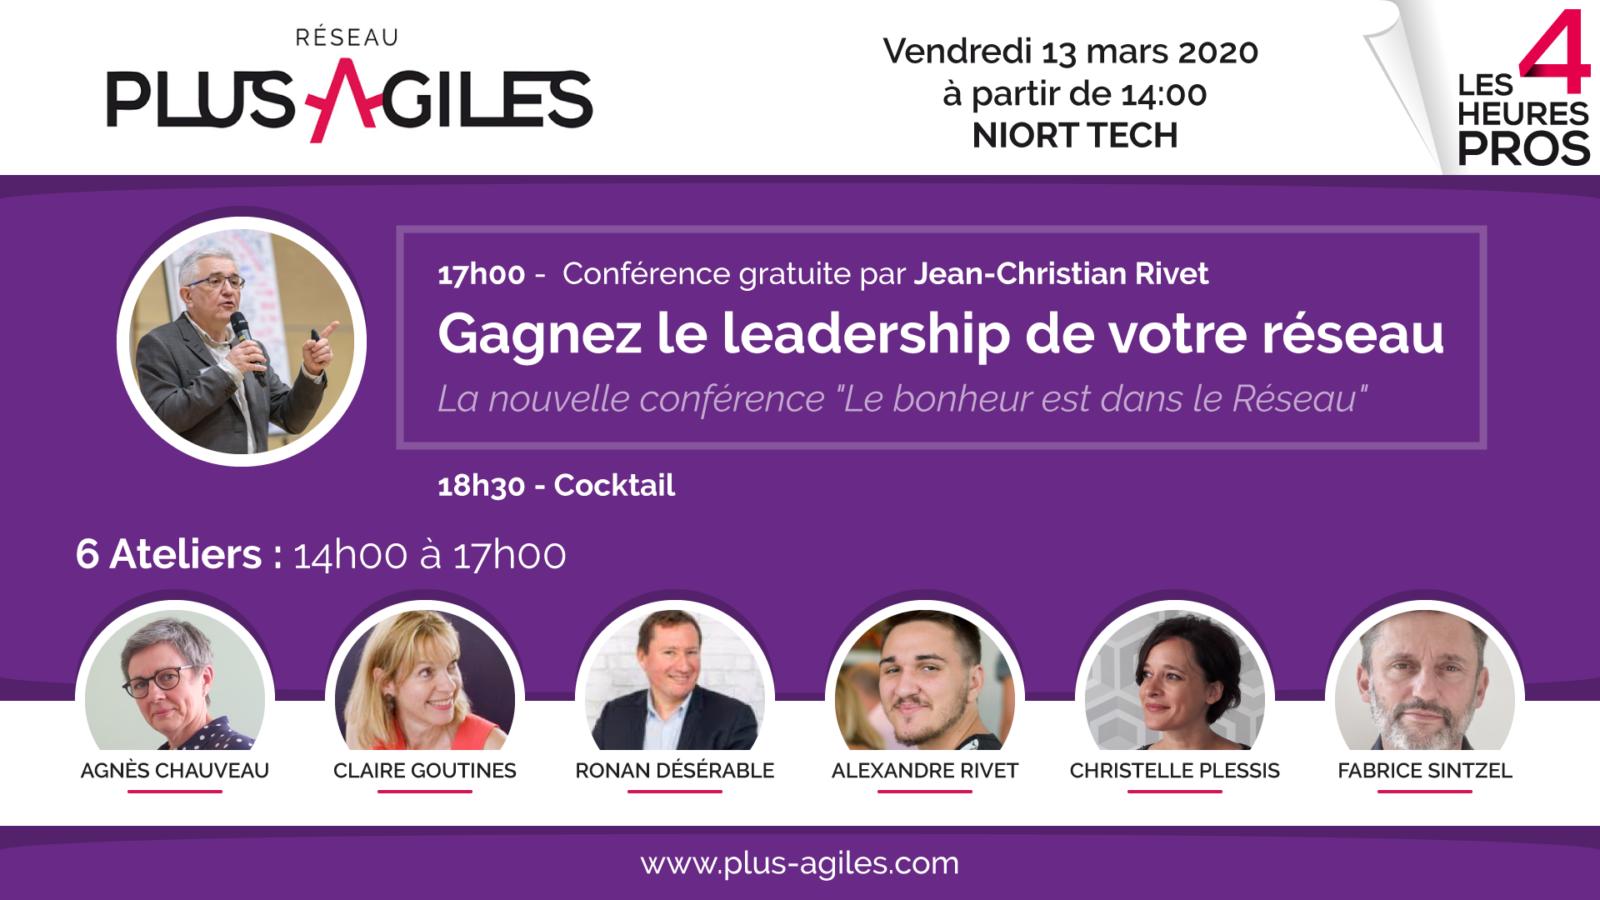 4h pro 202002 facebook event - Les 4 Heures Pros : Ateliers et conférence gratuits à Niort le 13 mars 2020